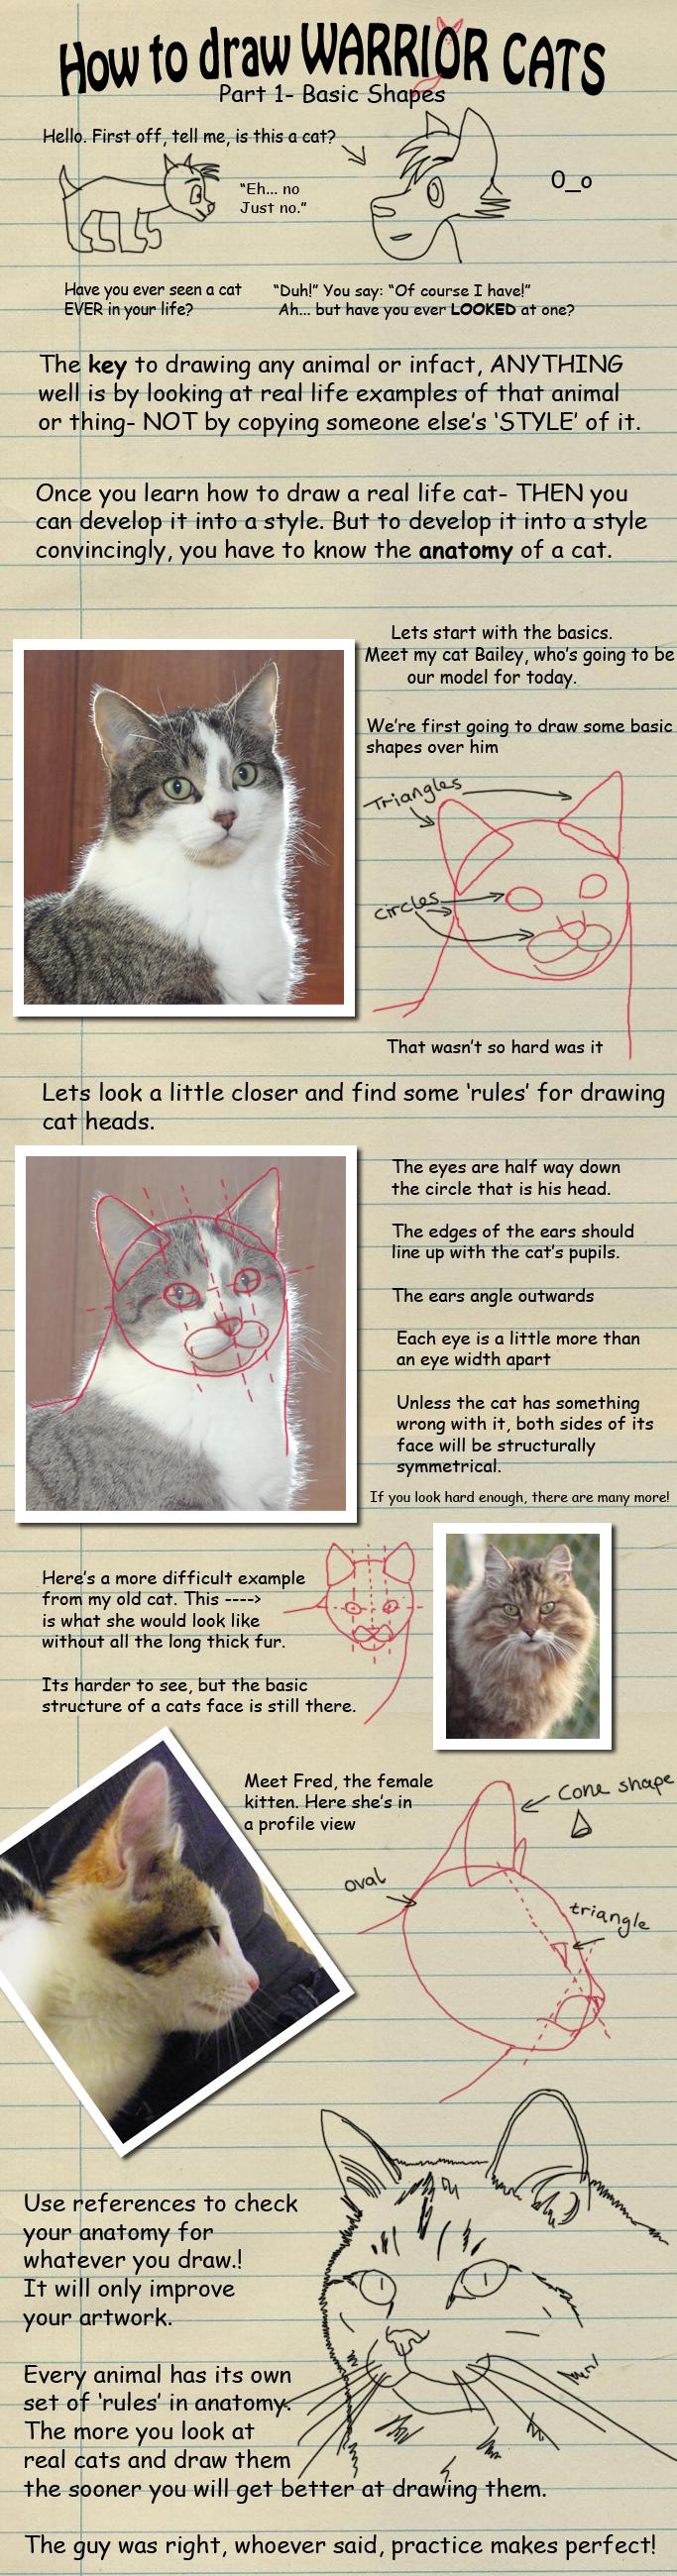 Heylorlass 2,142 123 How To Draw Warrior Cats Pt 1 By Heylorlass